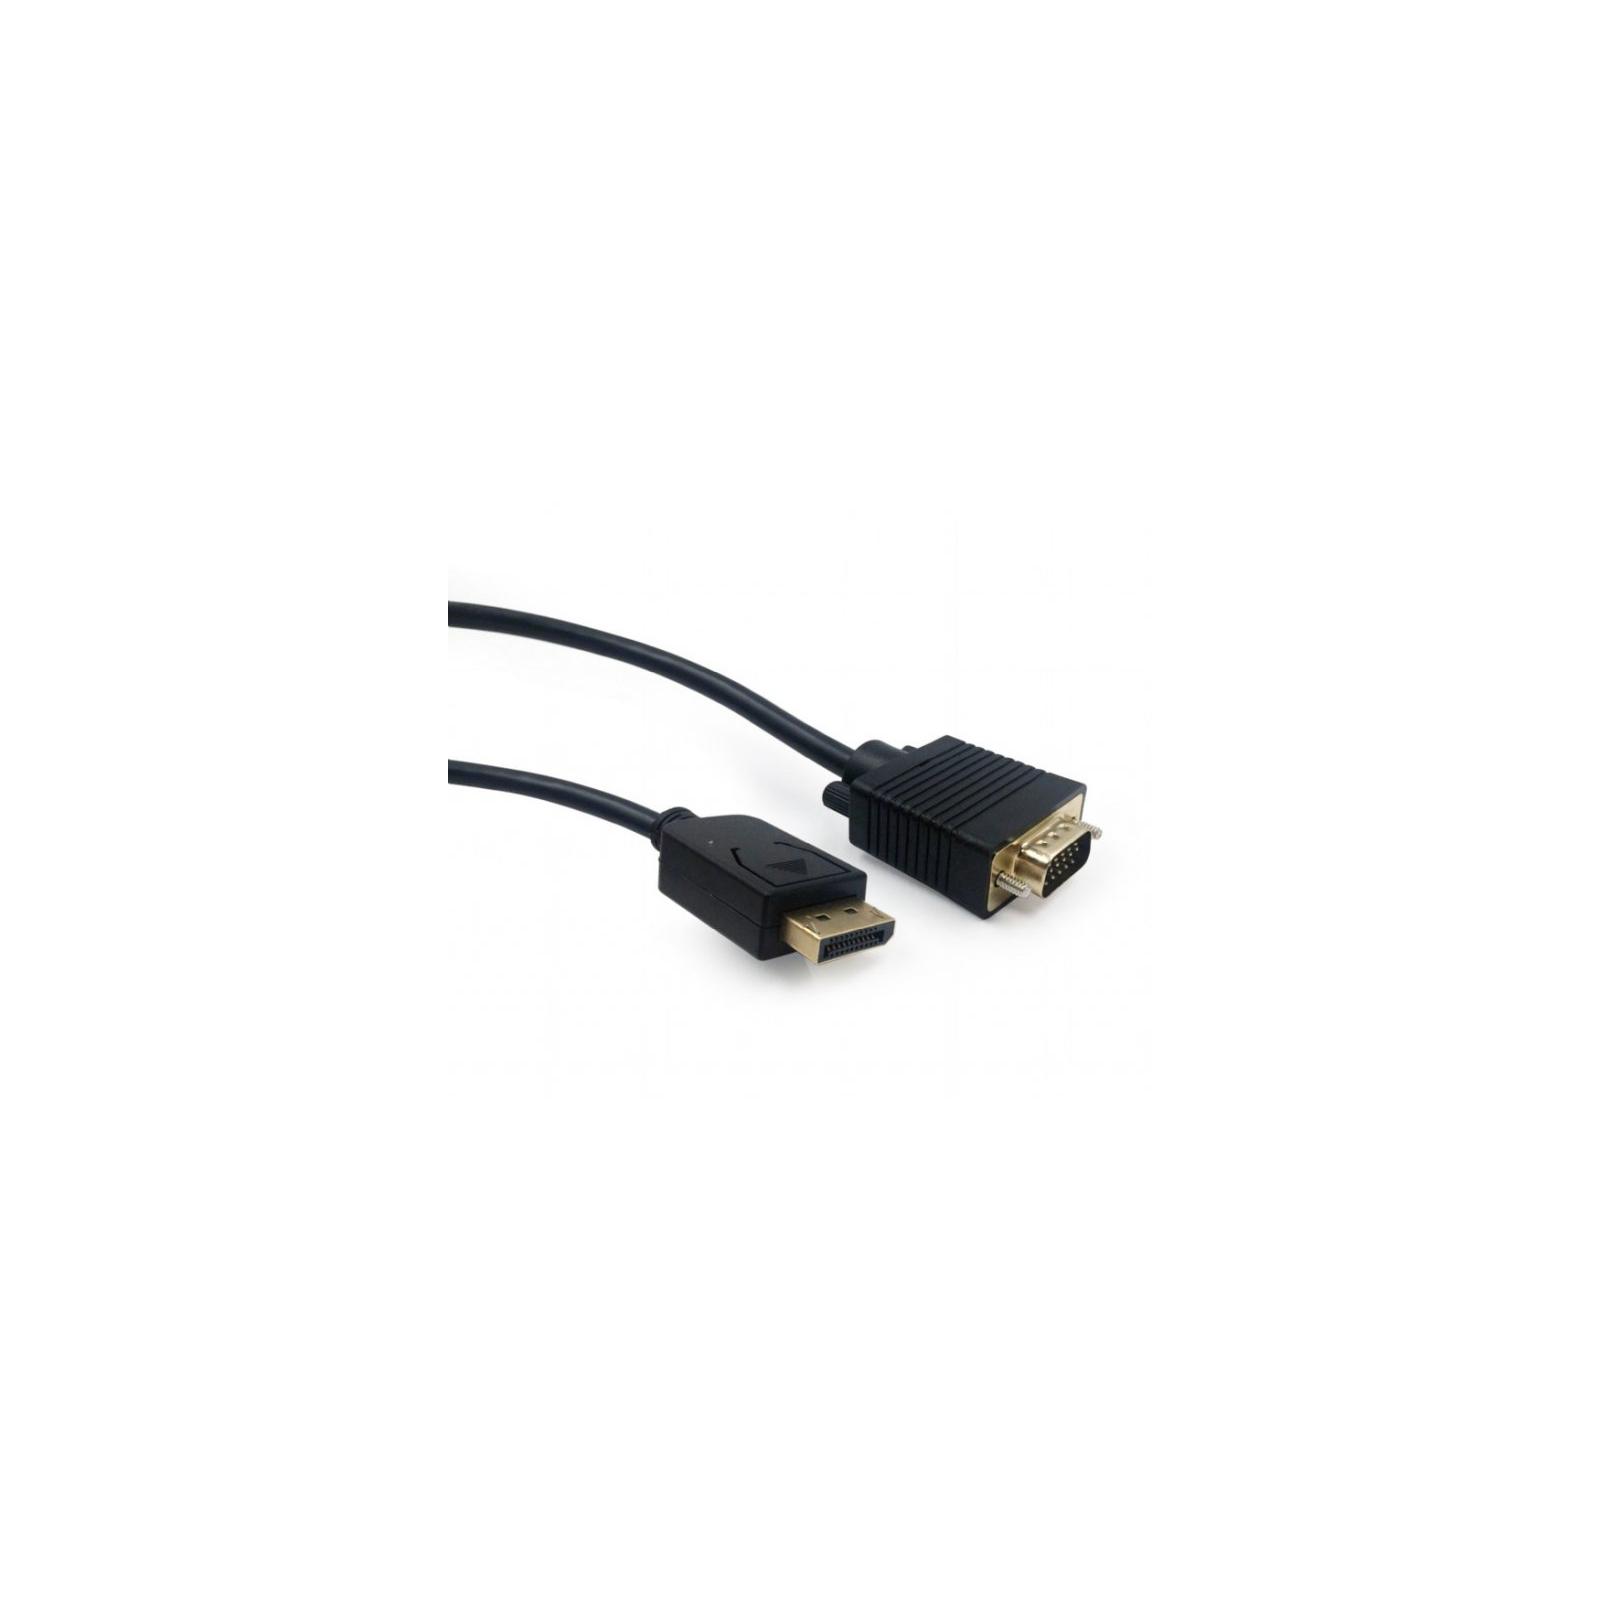 Переходник DisplayPort to VGA Cablexpert (CCP-DPM-VGAM-6)